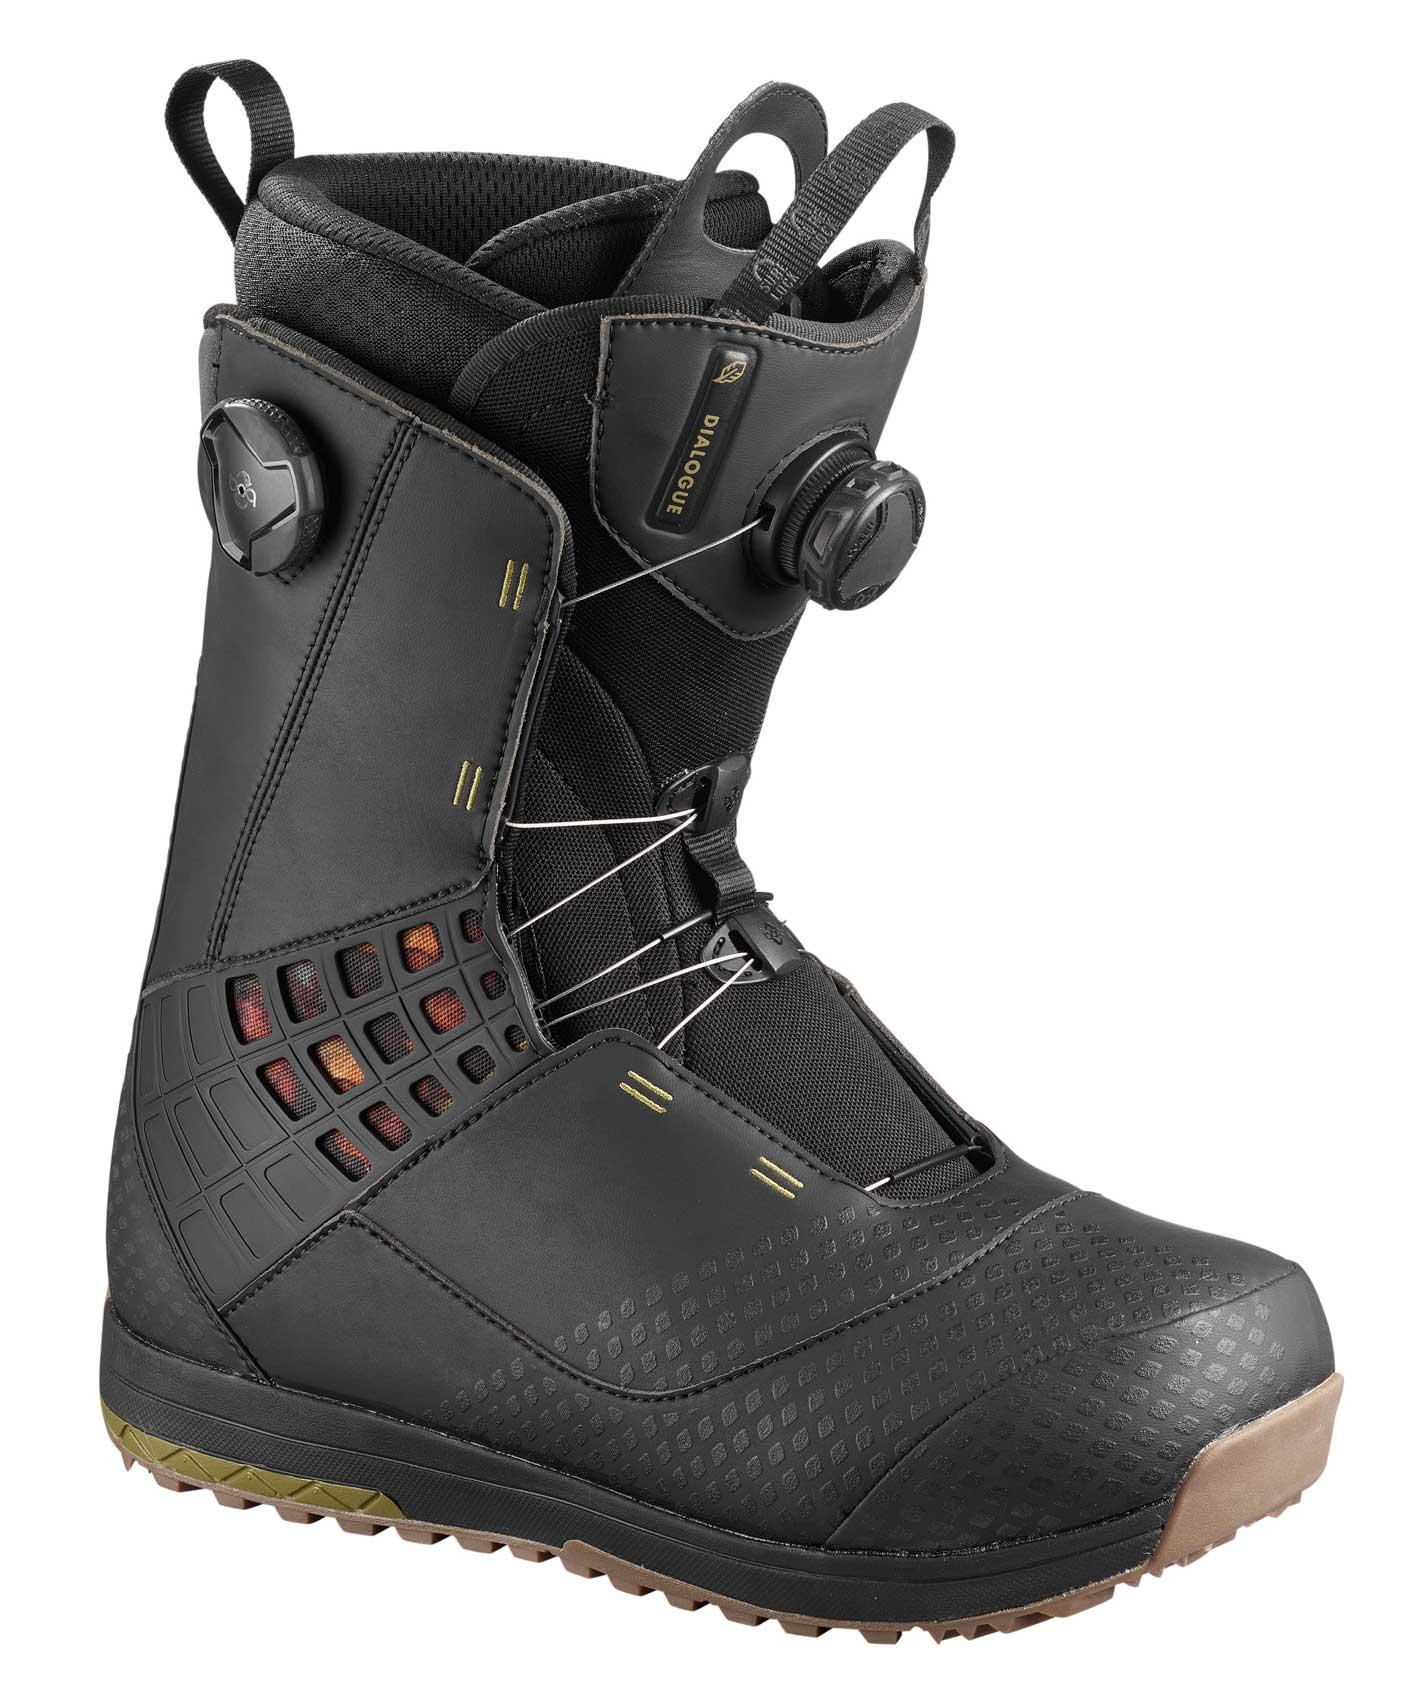 Salomon Dialogue Focus BOA Snowboard Boots review